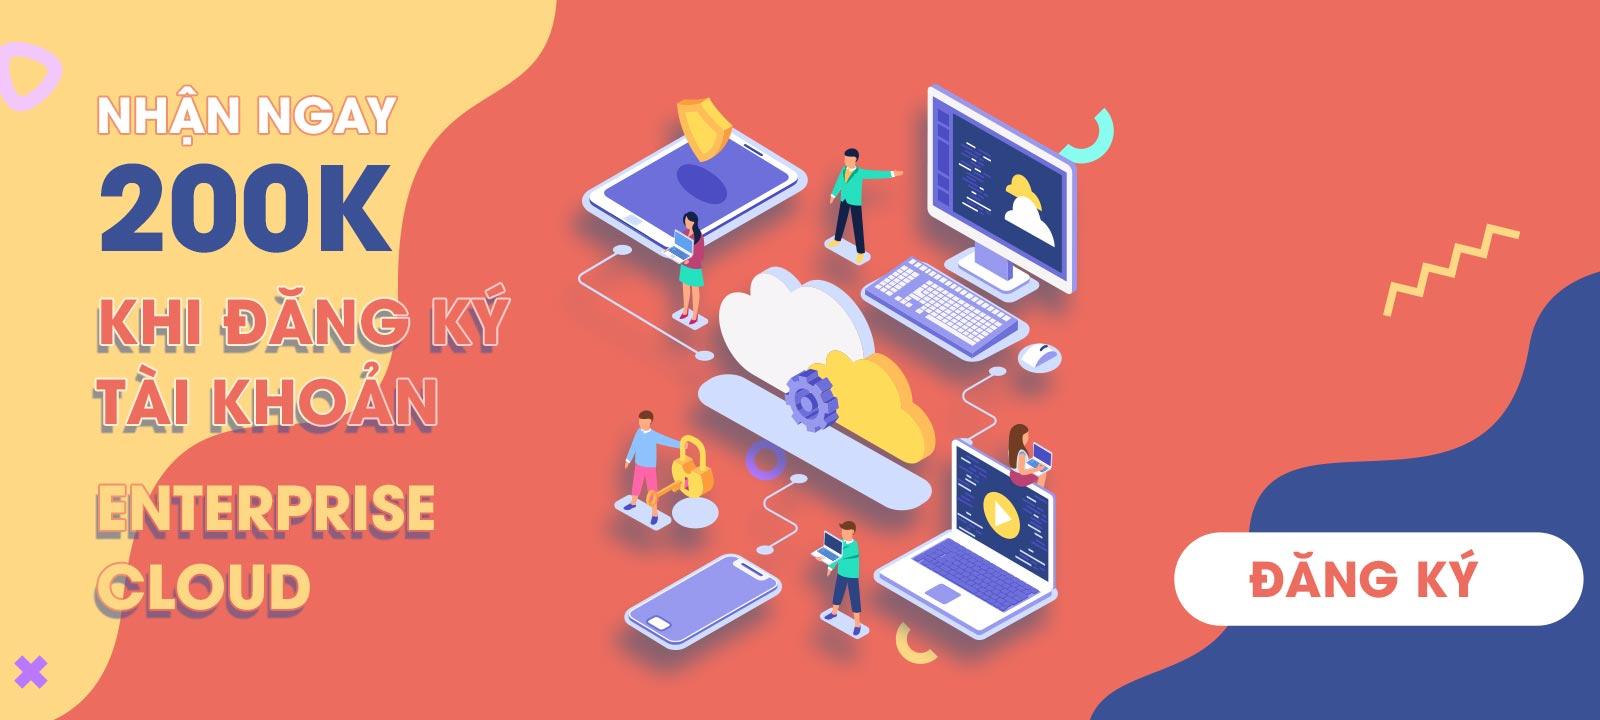 banner-enterprise-cloud-khuyen-mai-vnso-200K